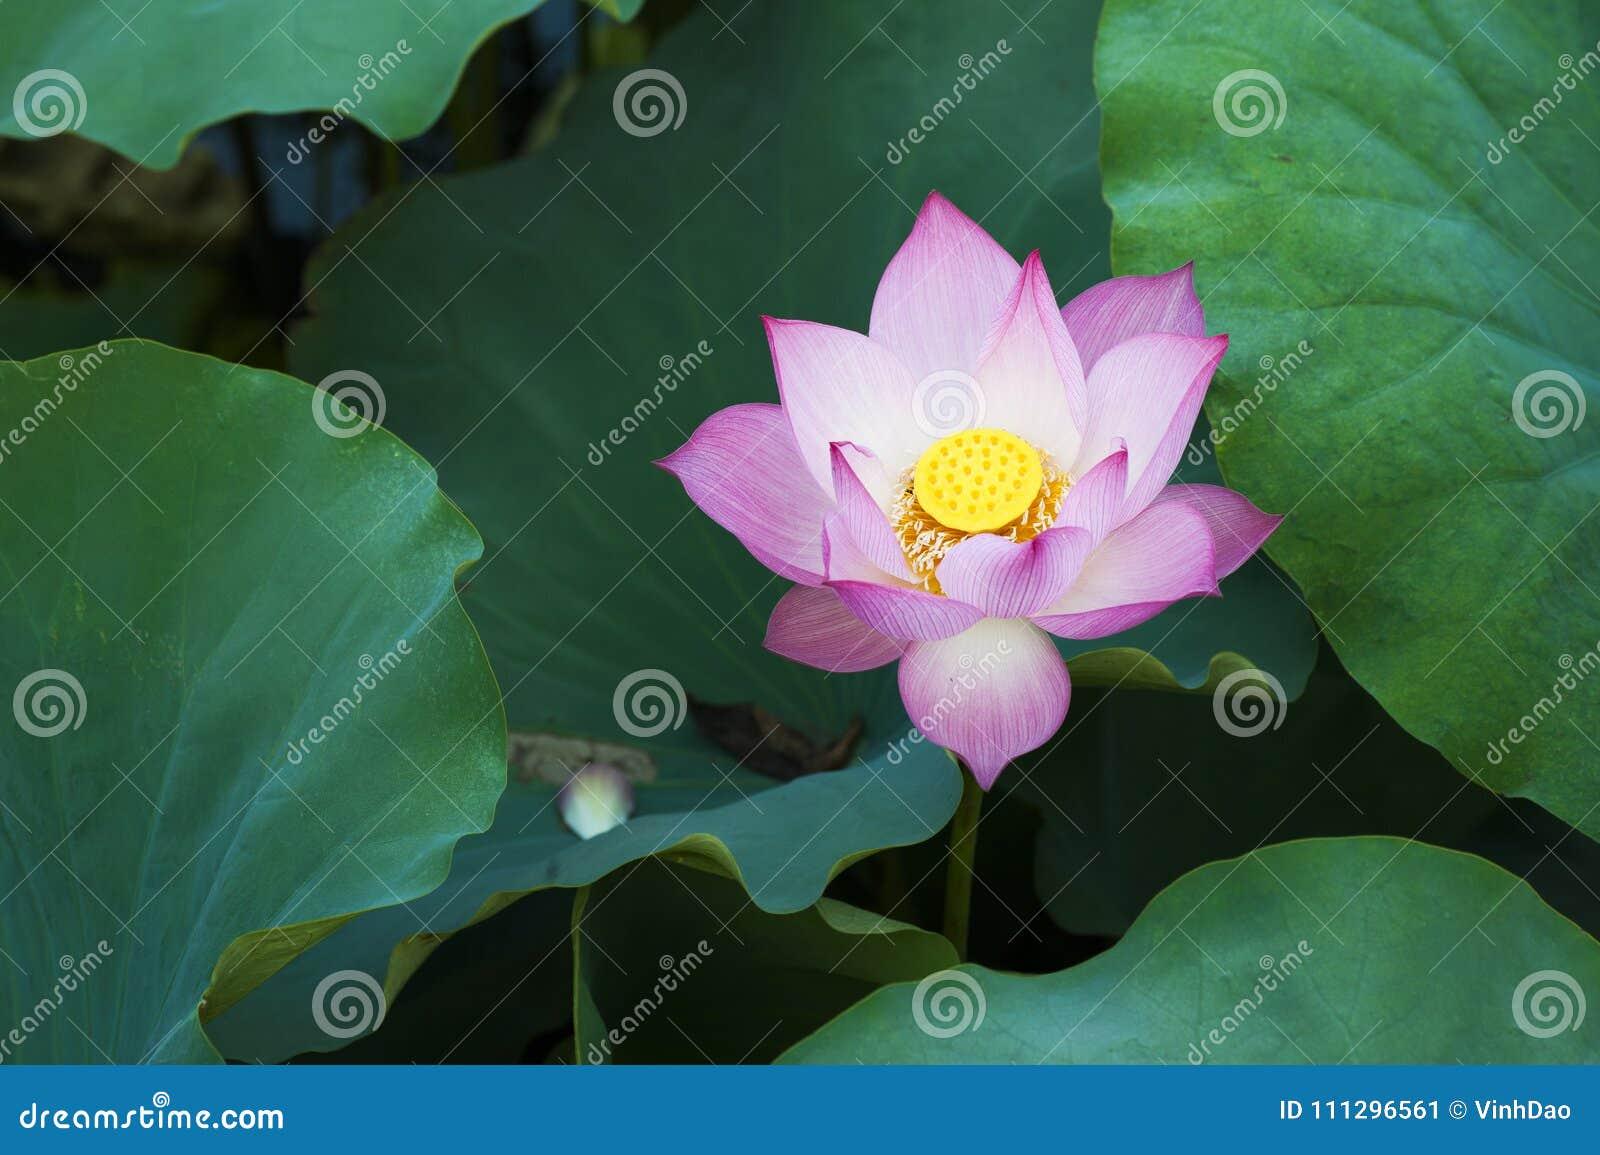 Lotus flower in lotus lake